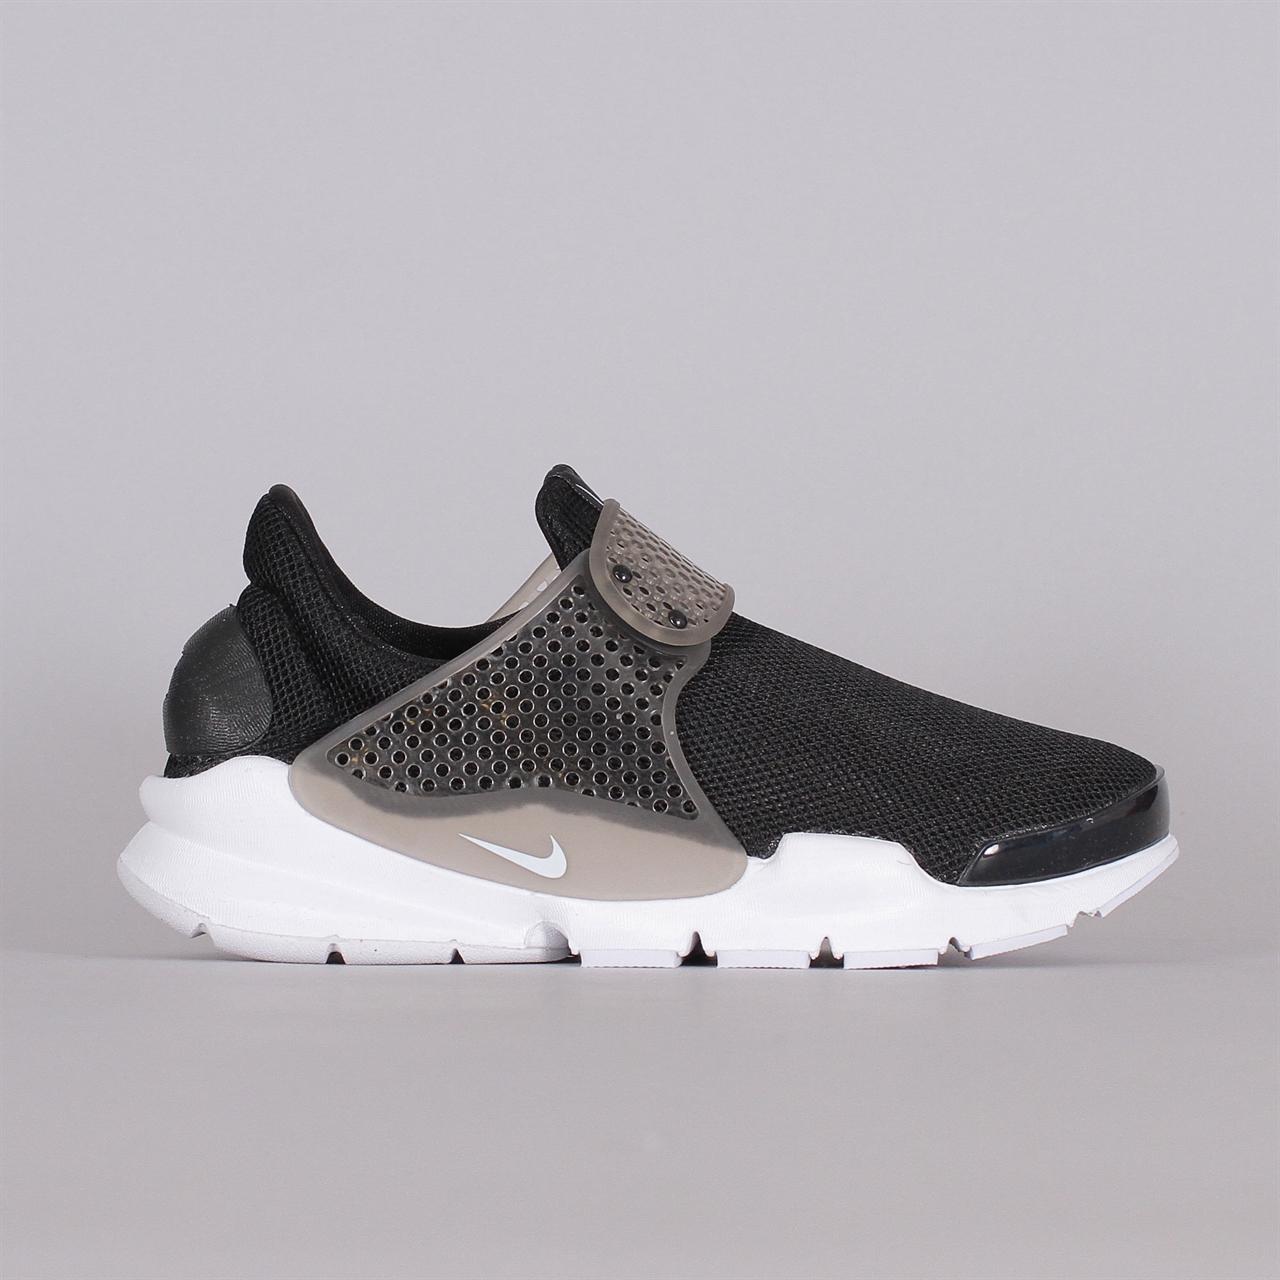 Shelta - Nike Sportswear Womens Sock Dart BR (896446-001) 7c07dd0ac5